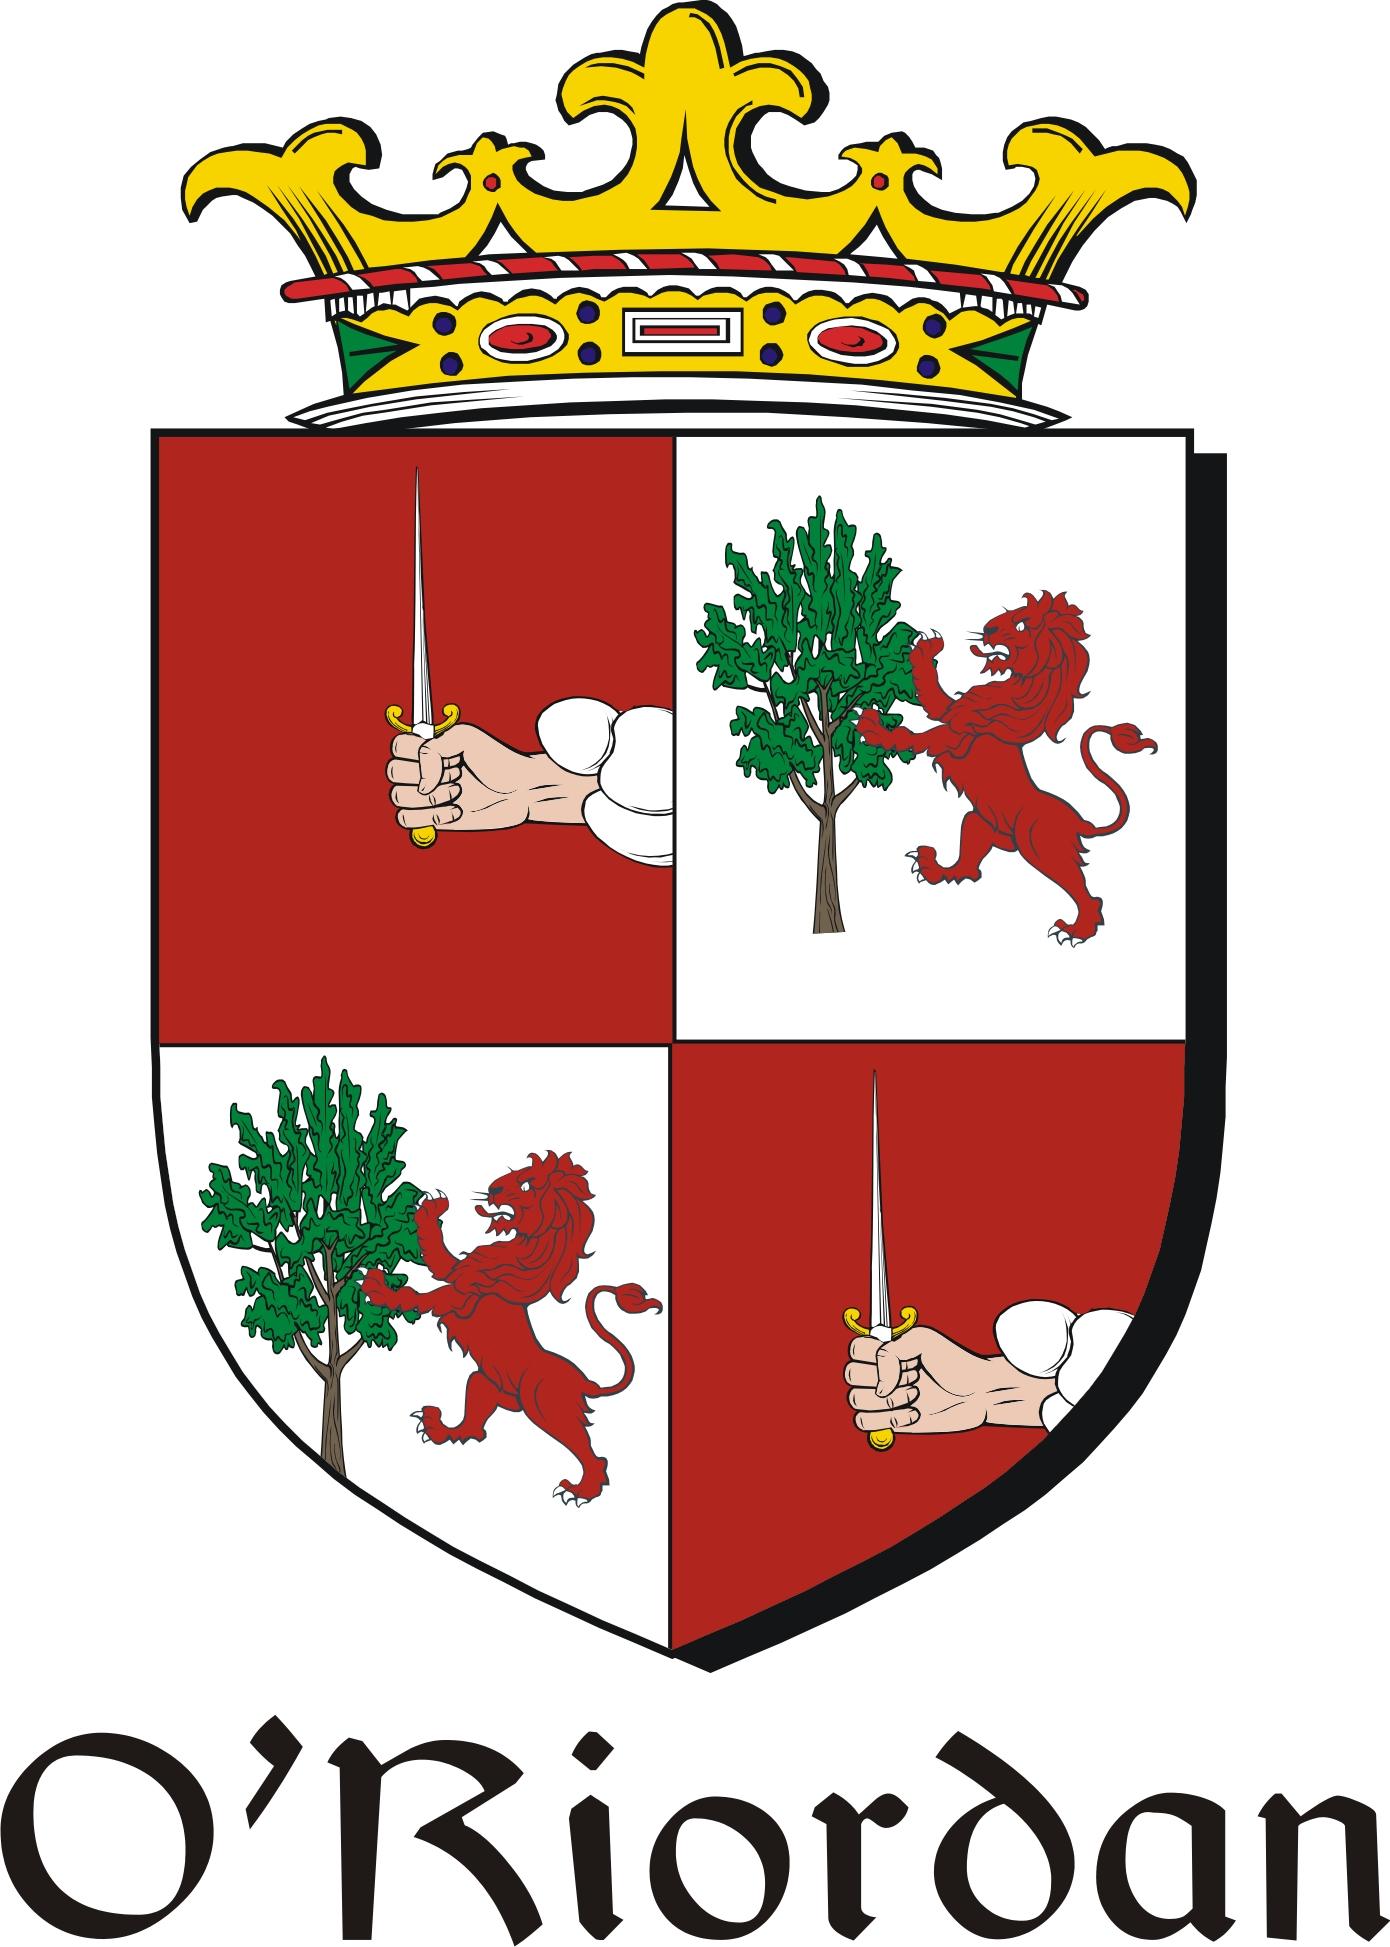 riordan  irish coat of arms image download